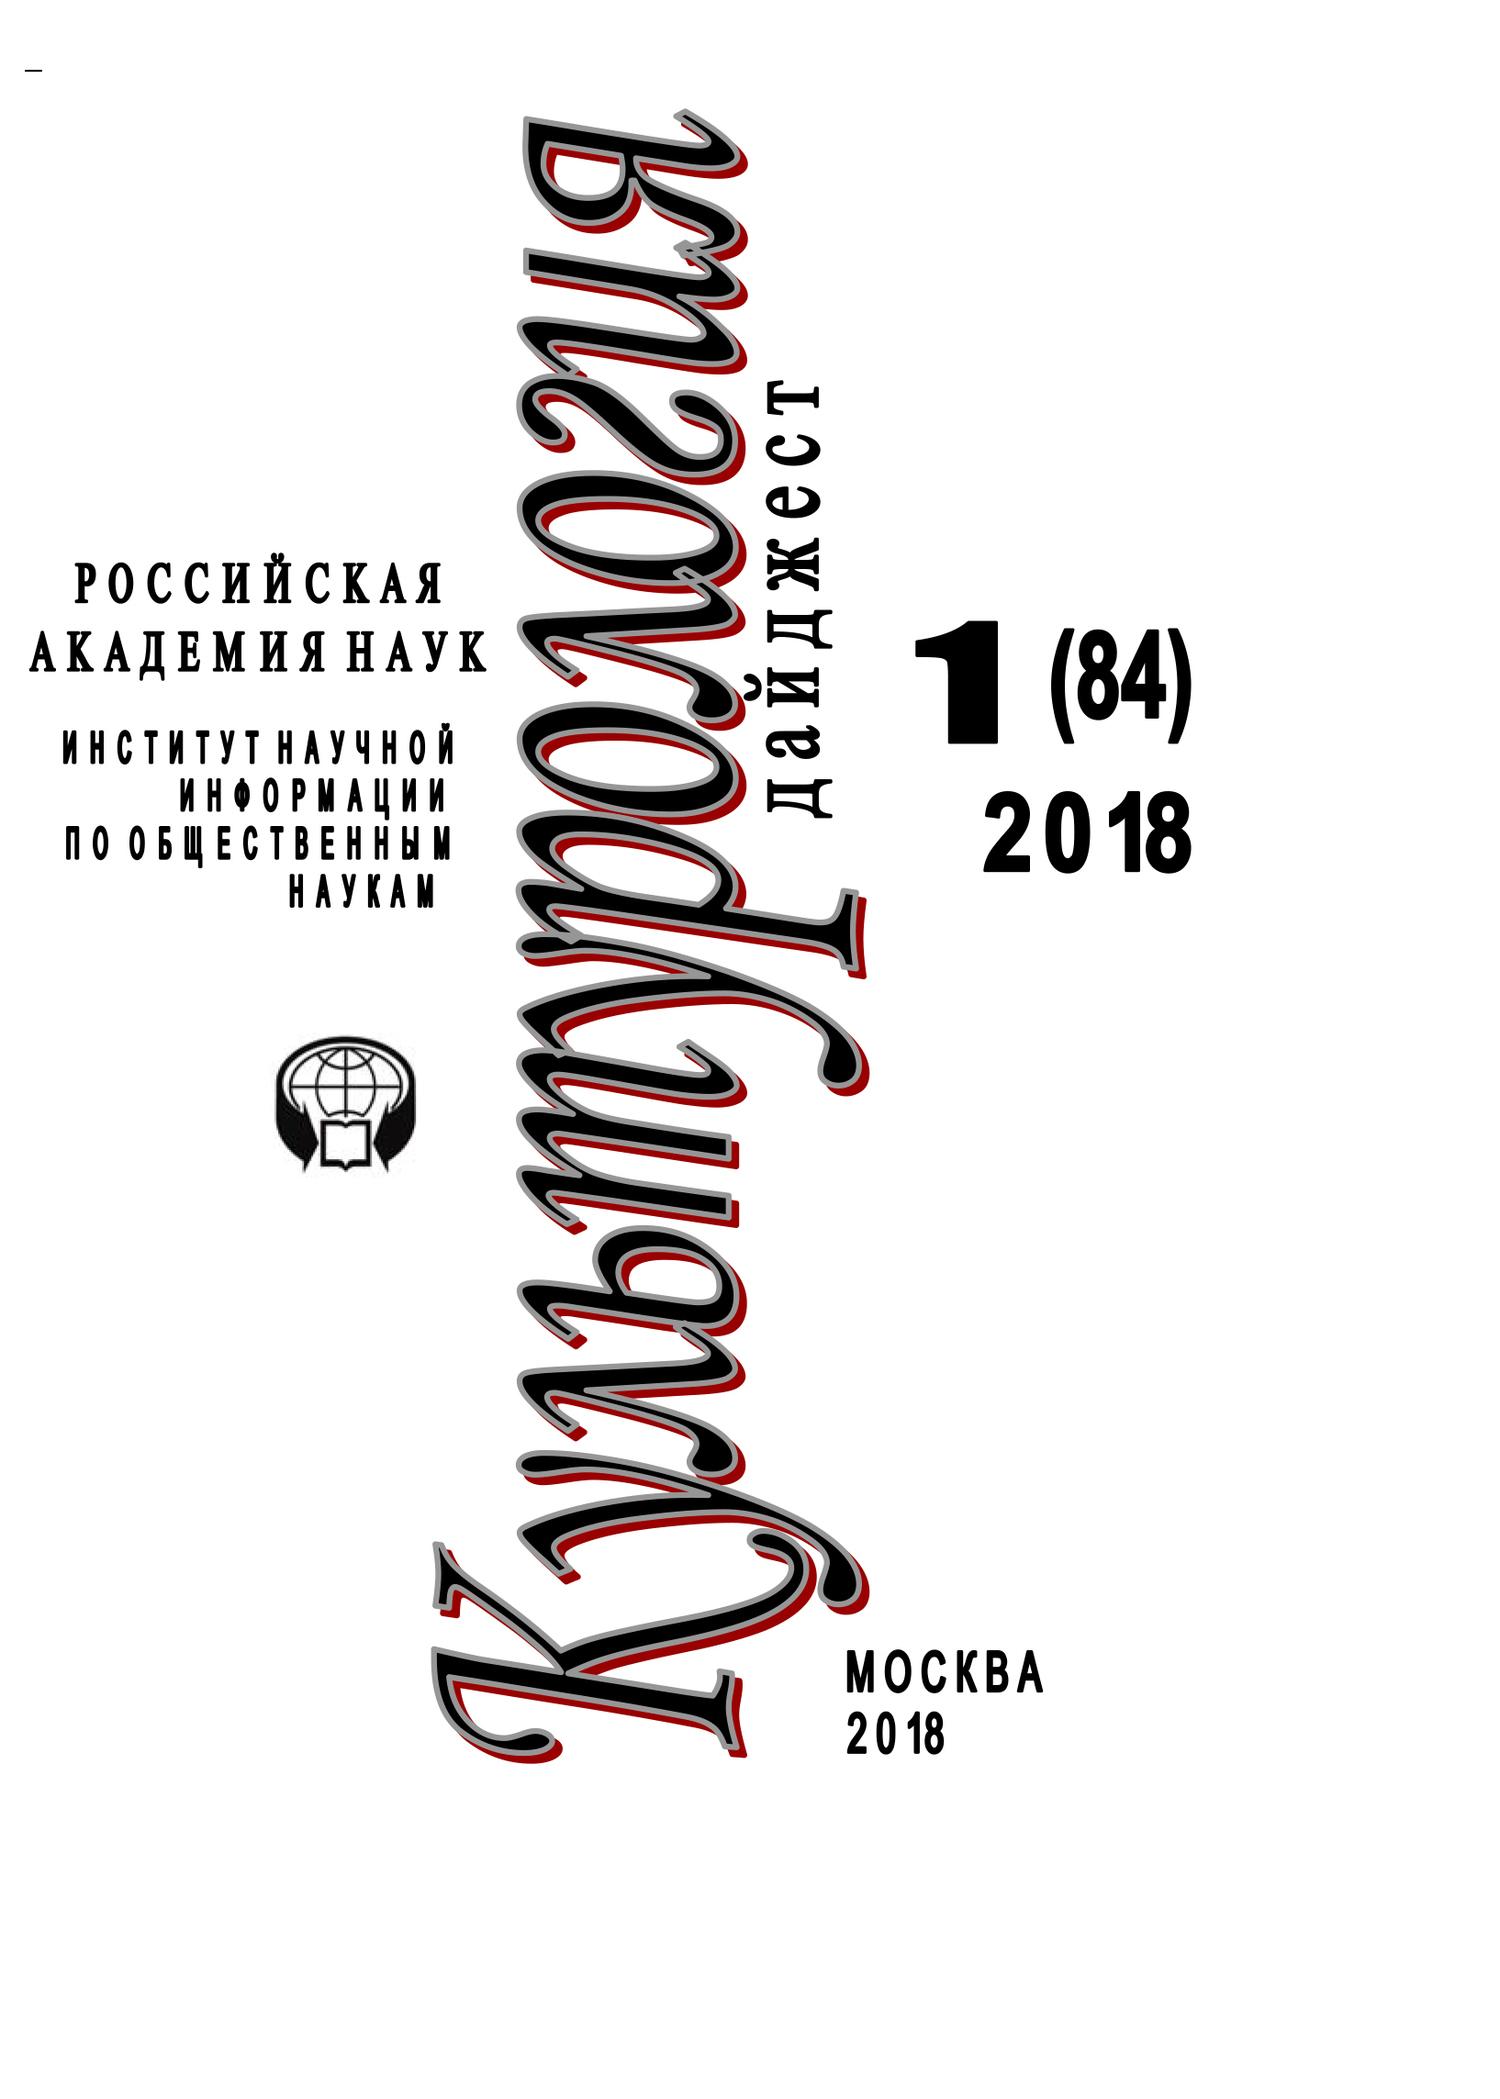 Ирина Галинская - Культурология. Дайджест №1 / 2018